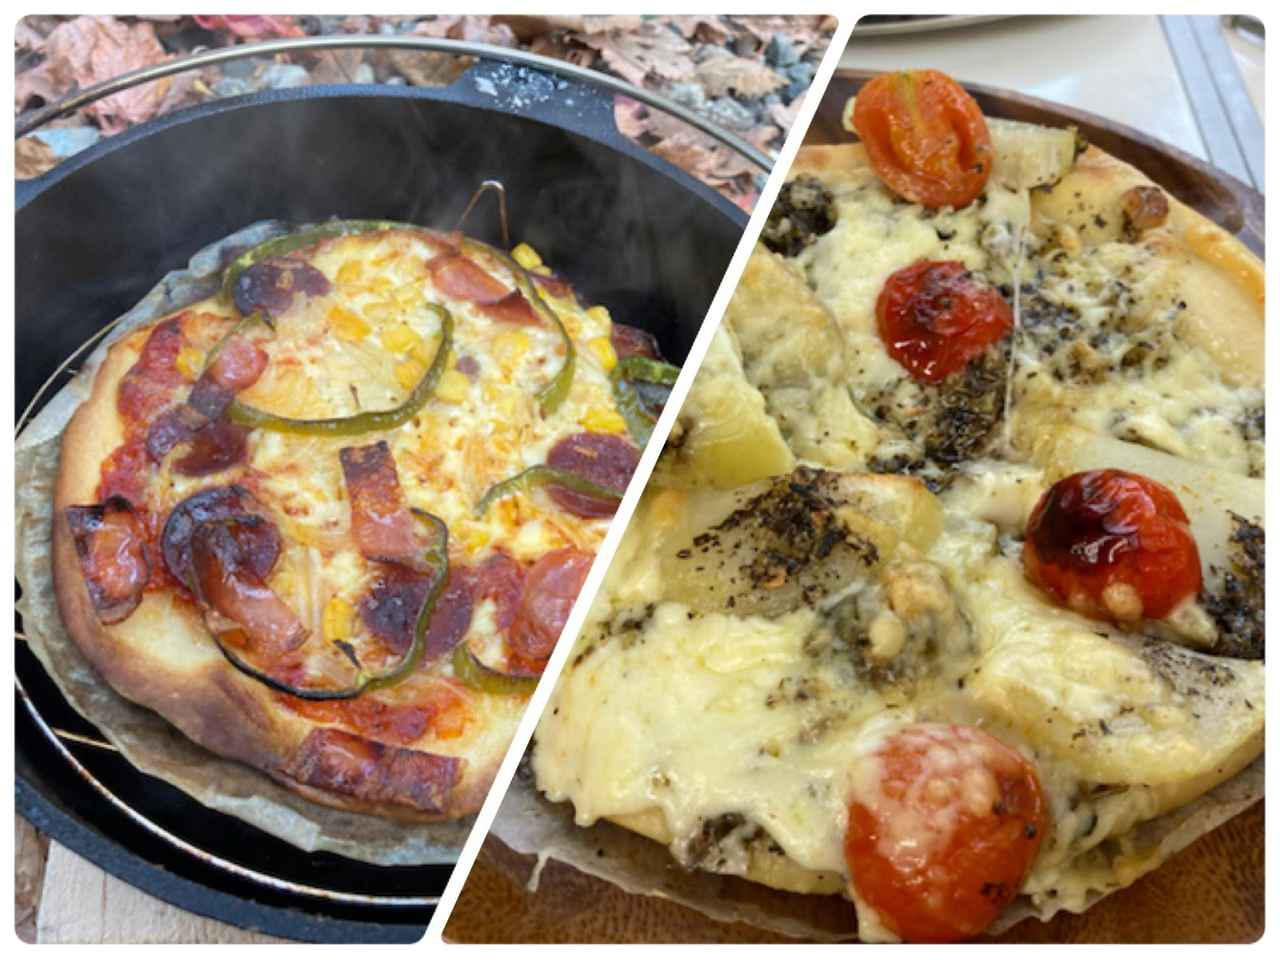 画像: ニトリのダッチオーブンで炭火焼ピザ! ソースや生地も手作りの本格ピザの作り方 - ハピキャン(HAPPY CAMPER)